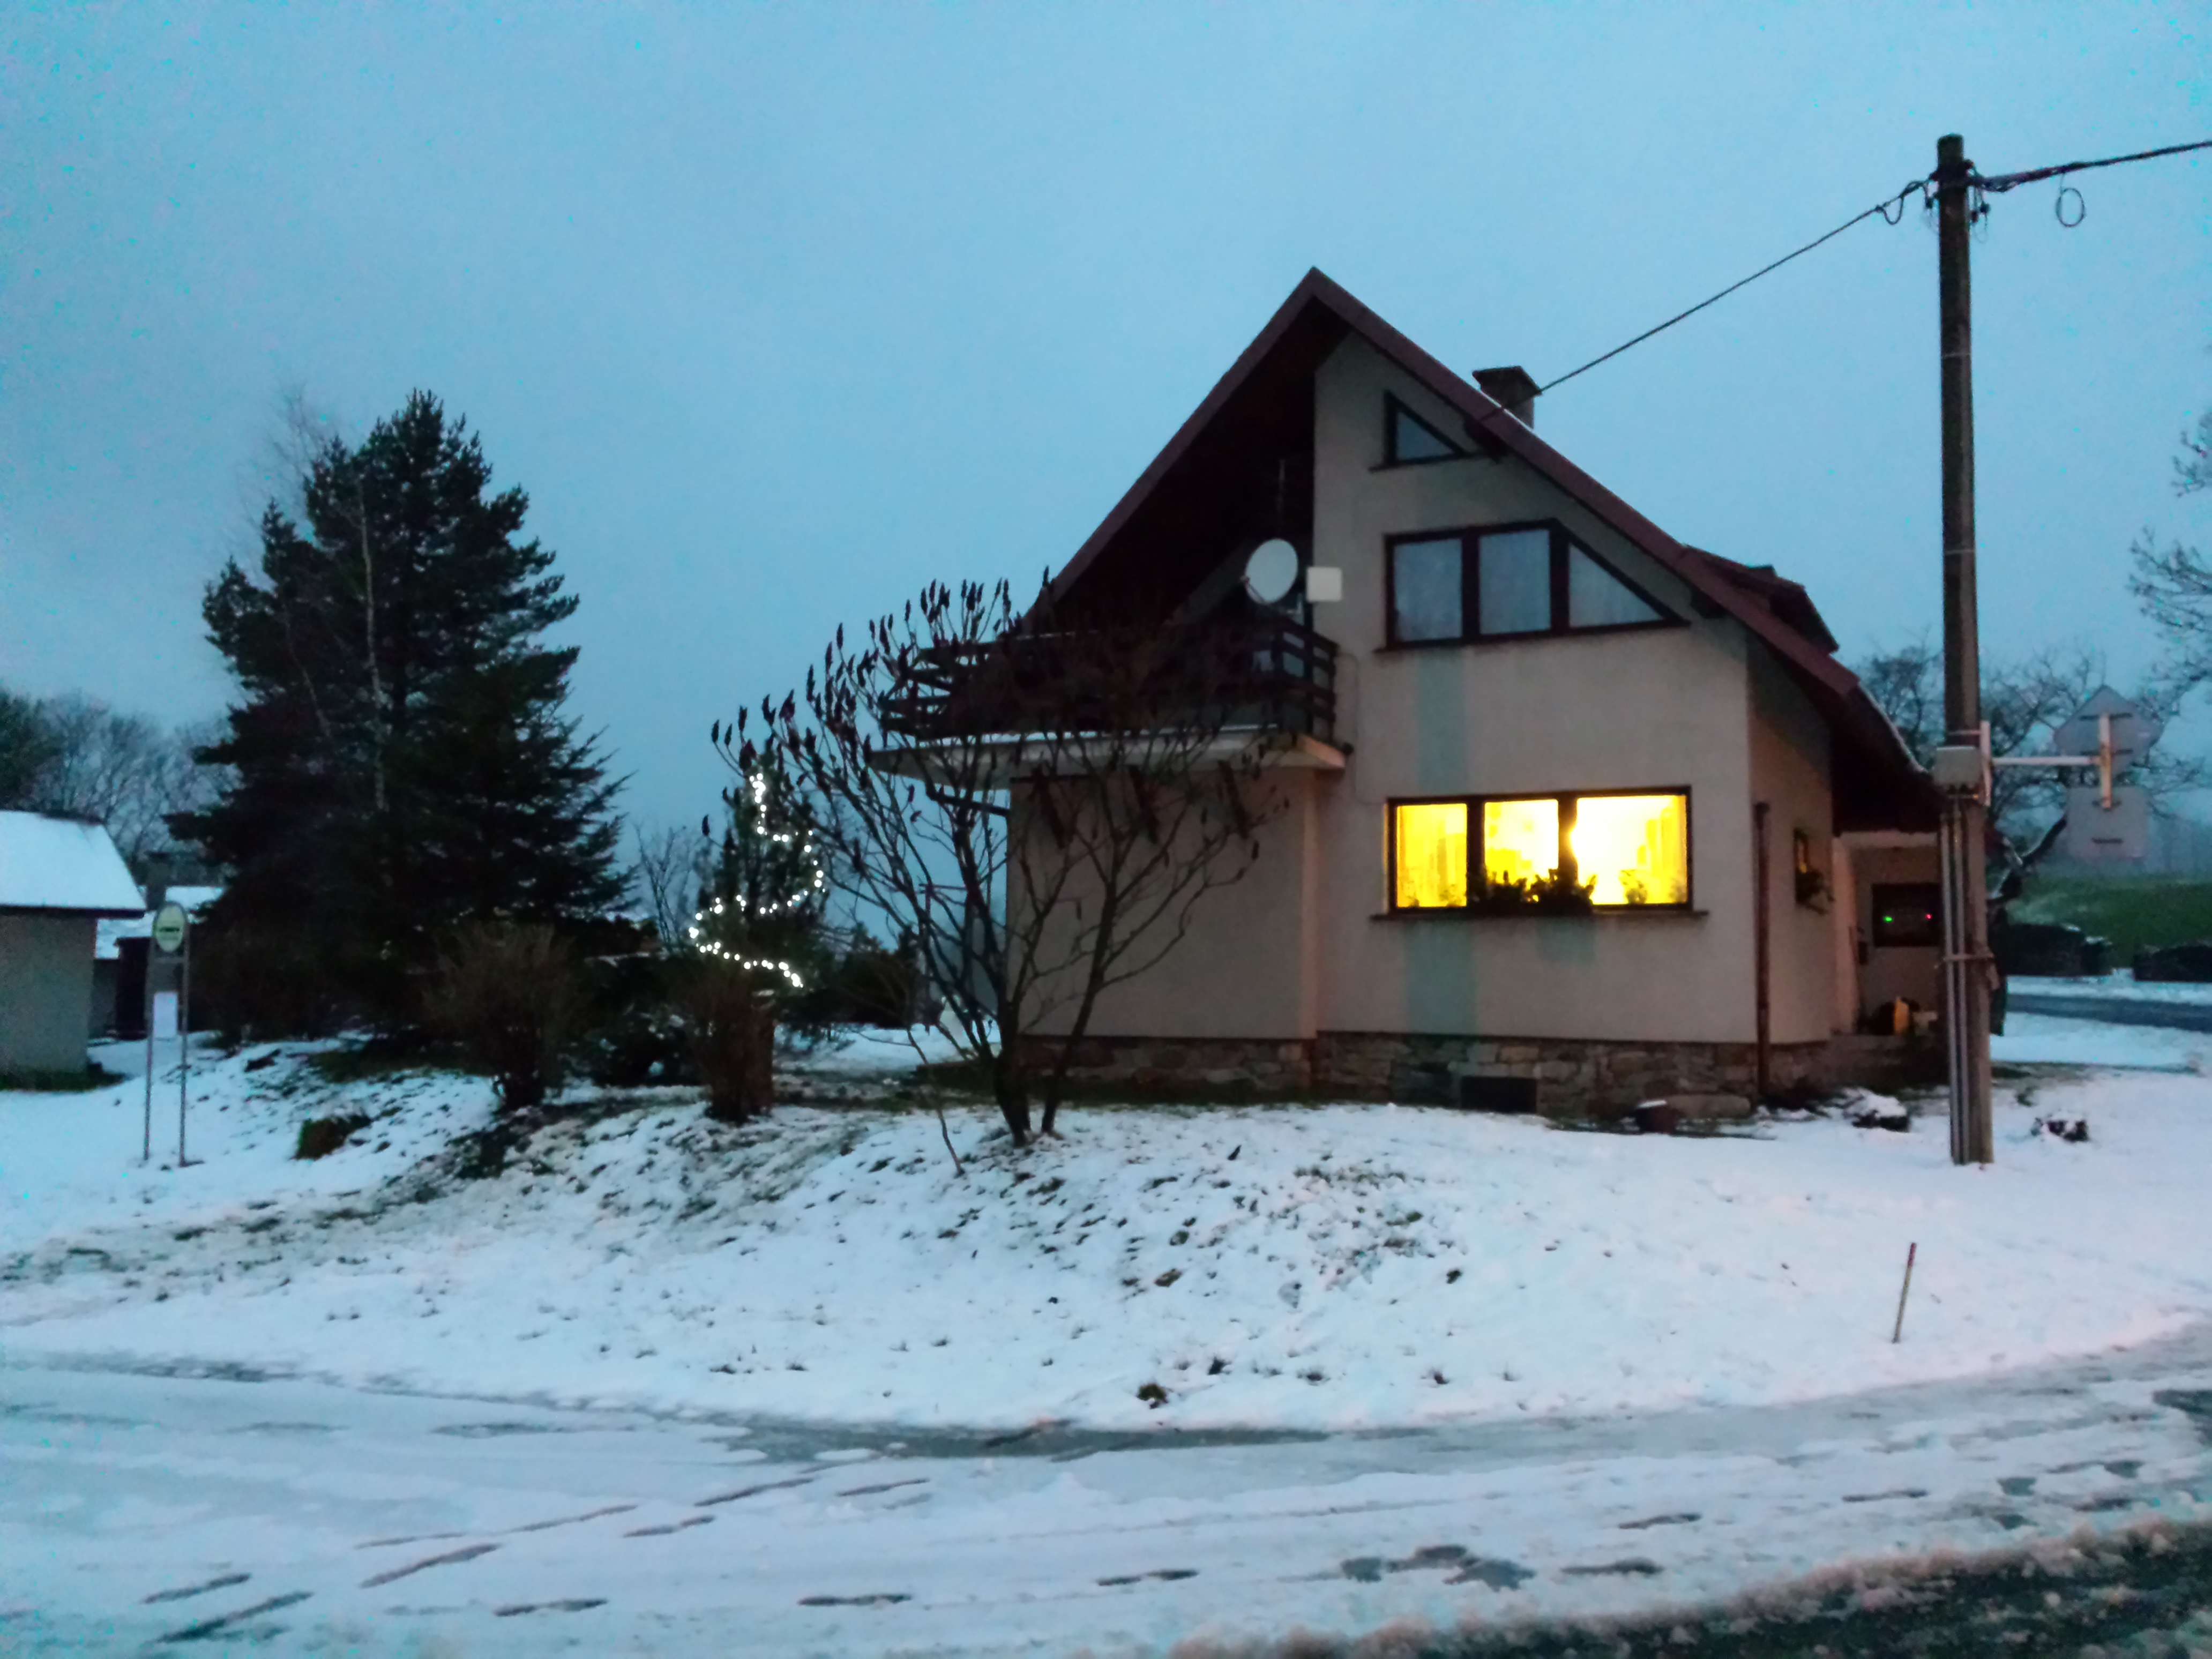 g141221015-Ozdobena klec pred domem ve Sklenkach